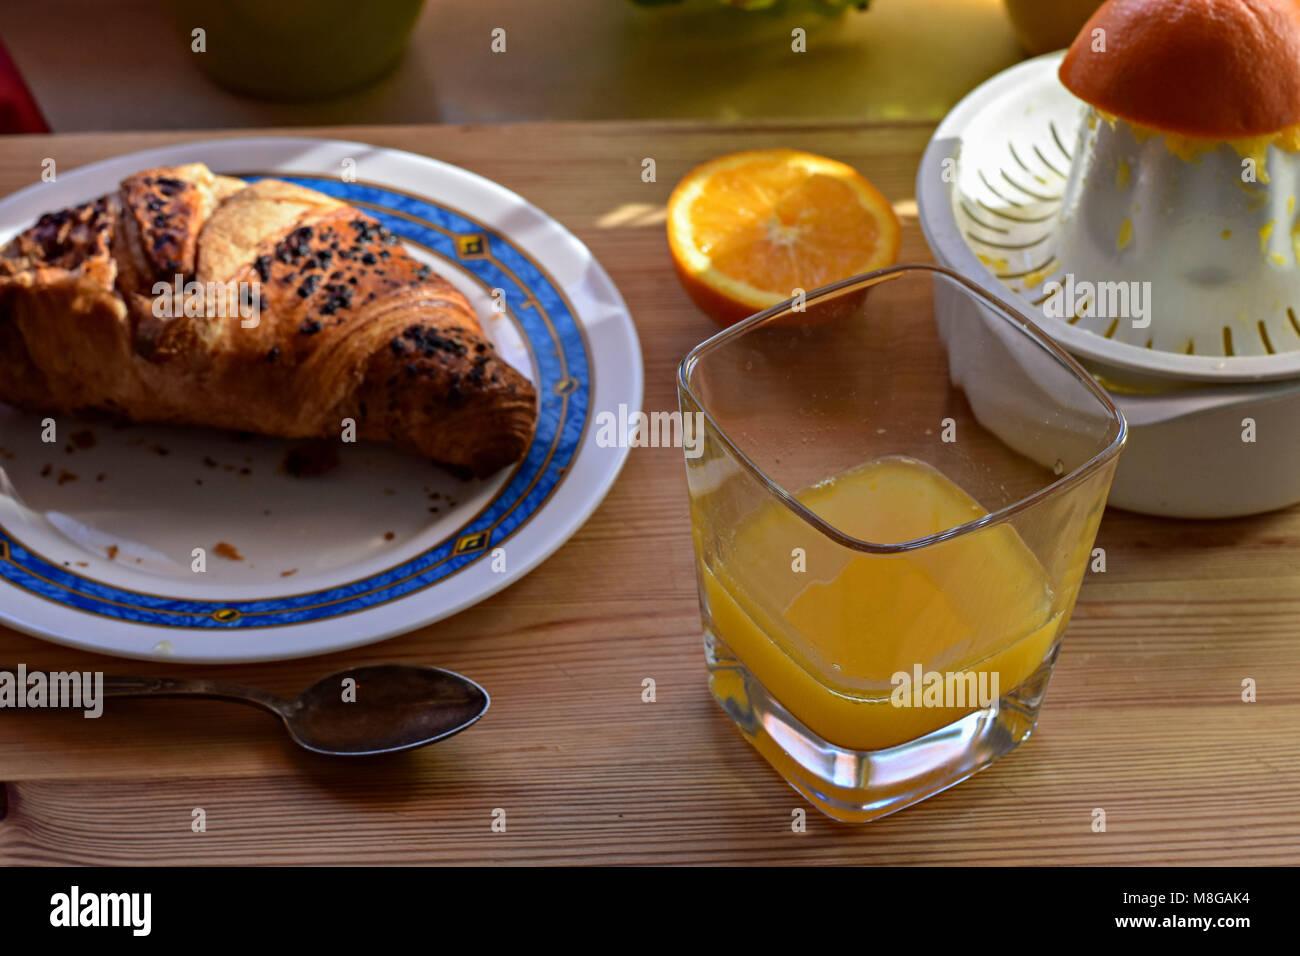 Orange Schokolade Orangensaft Und Croissants Zum Frühstück